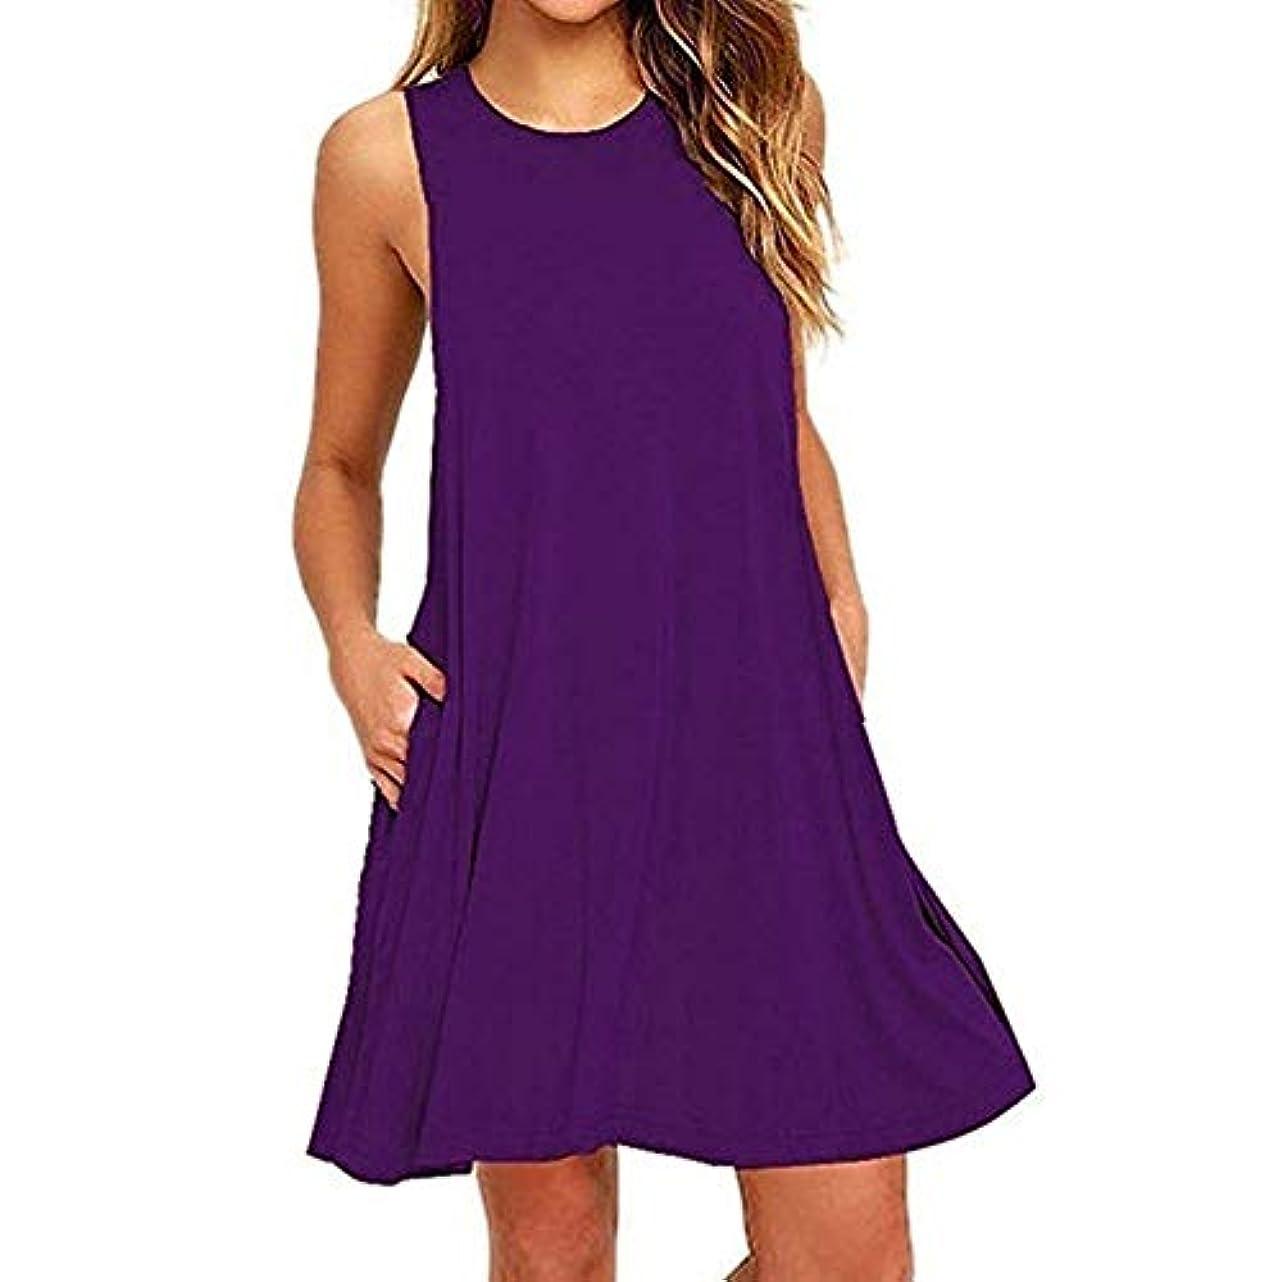 ボウリングペース裏切り者MIFAN 人の女性のドレス、プラスサイズのドレス、ノースリーブのドレス、ミニドレス、ホルタードレス、コットンドレス